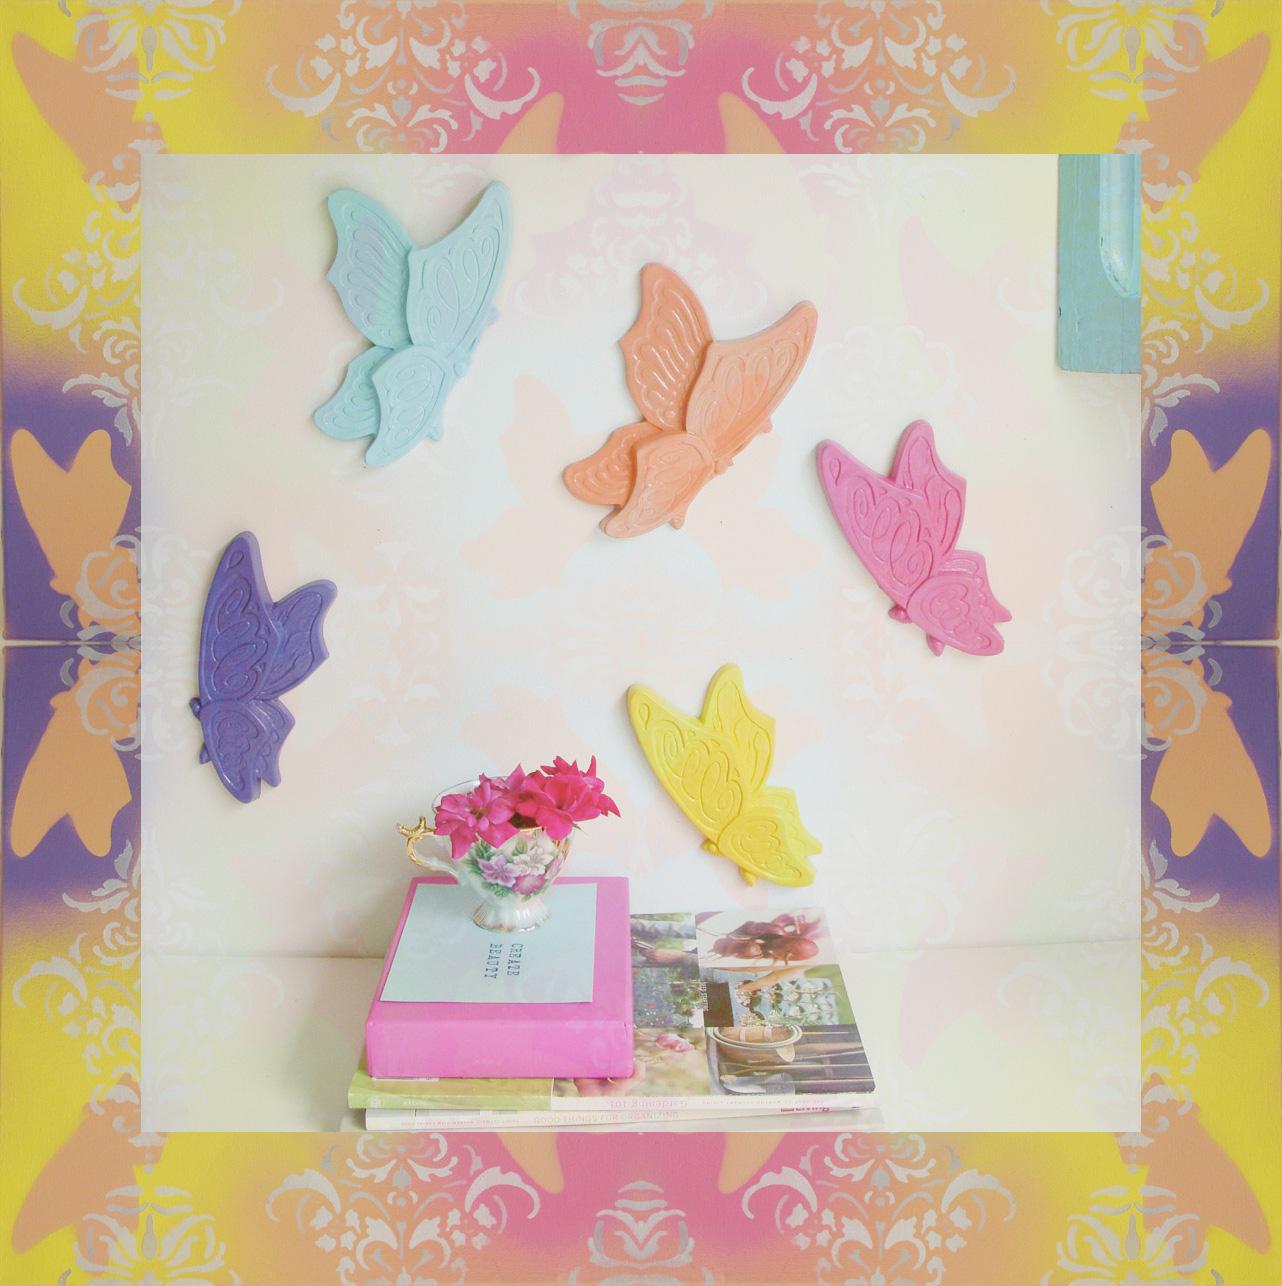 Butterfliesshop